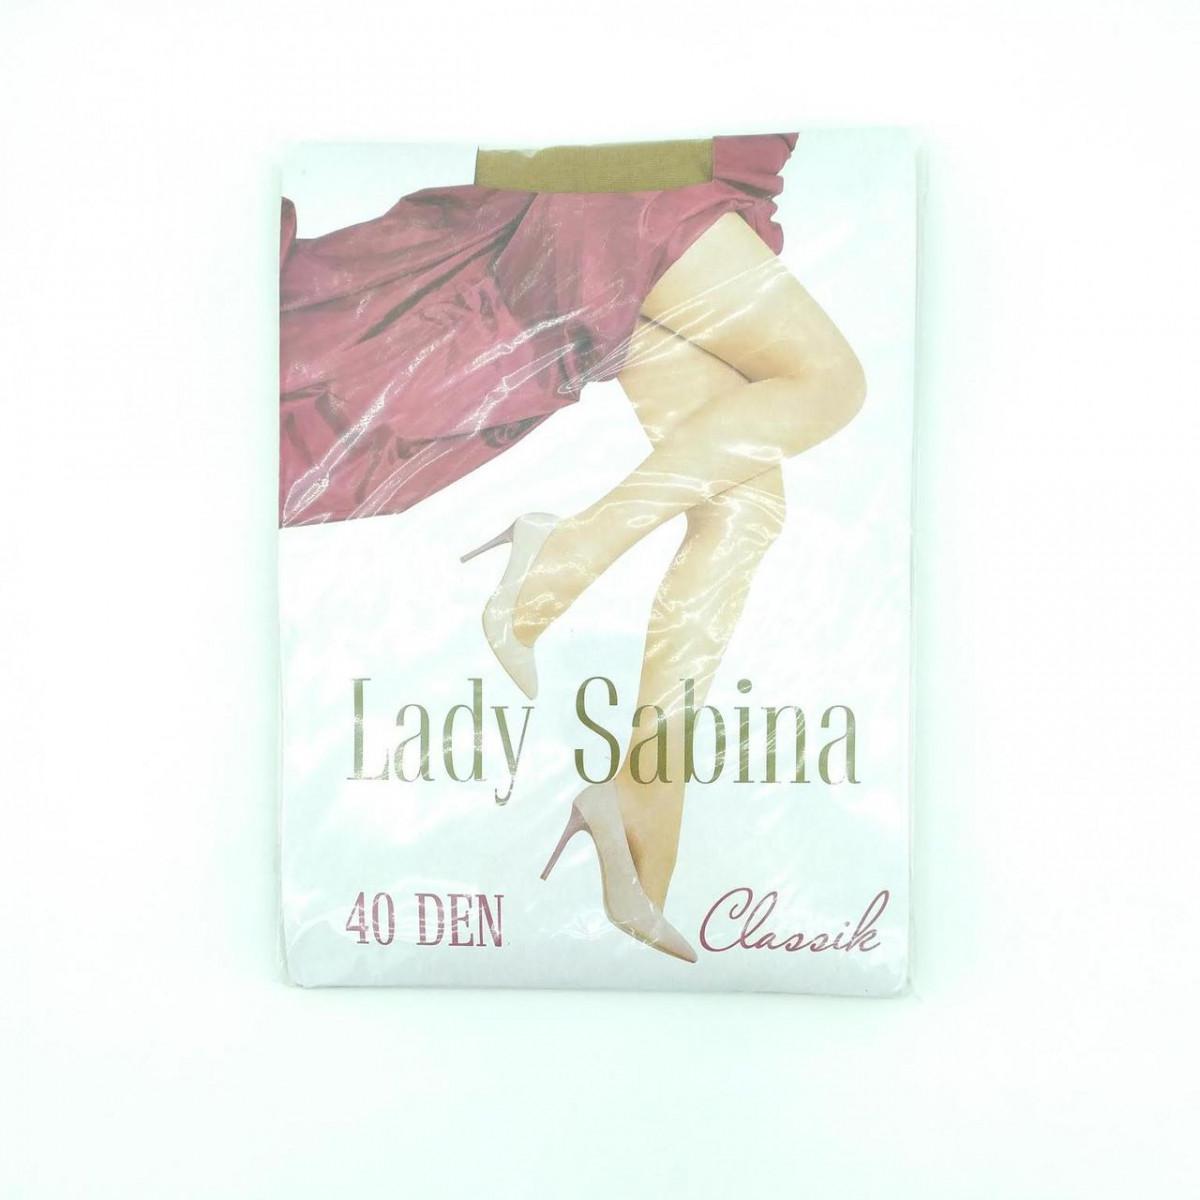 Колготки капроновые женские Lady Sabina, 40DEN, классика, размер 6, бежевые, 20024963